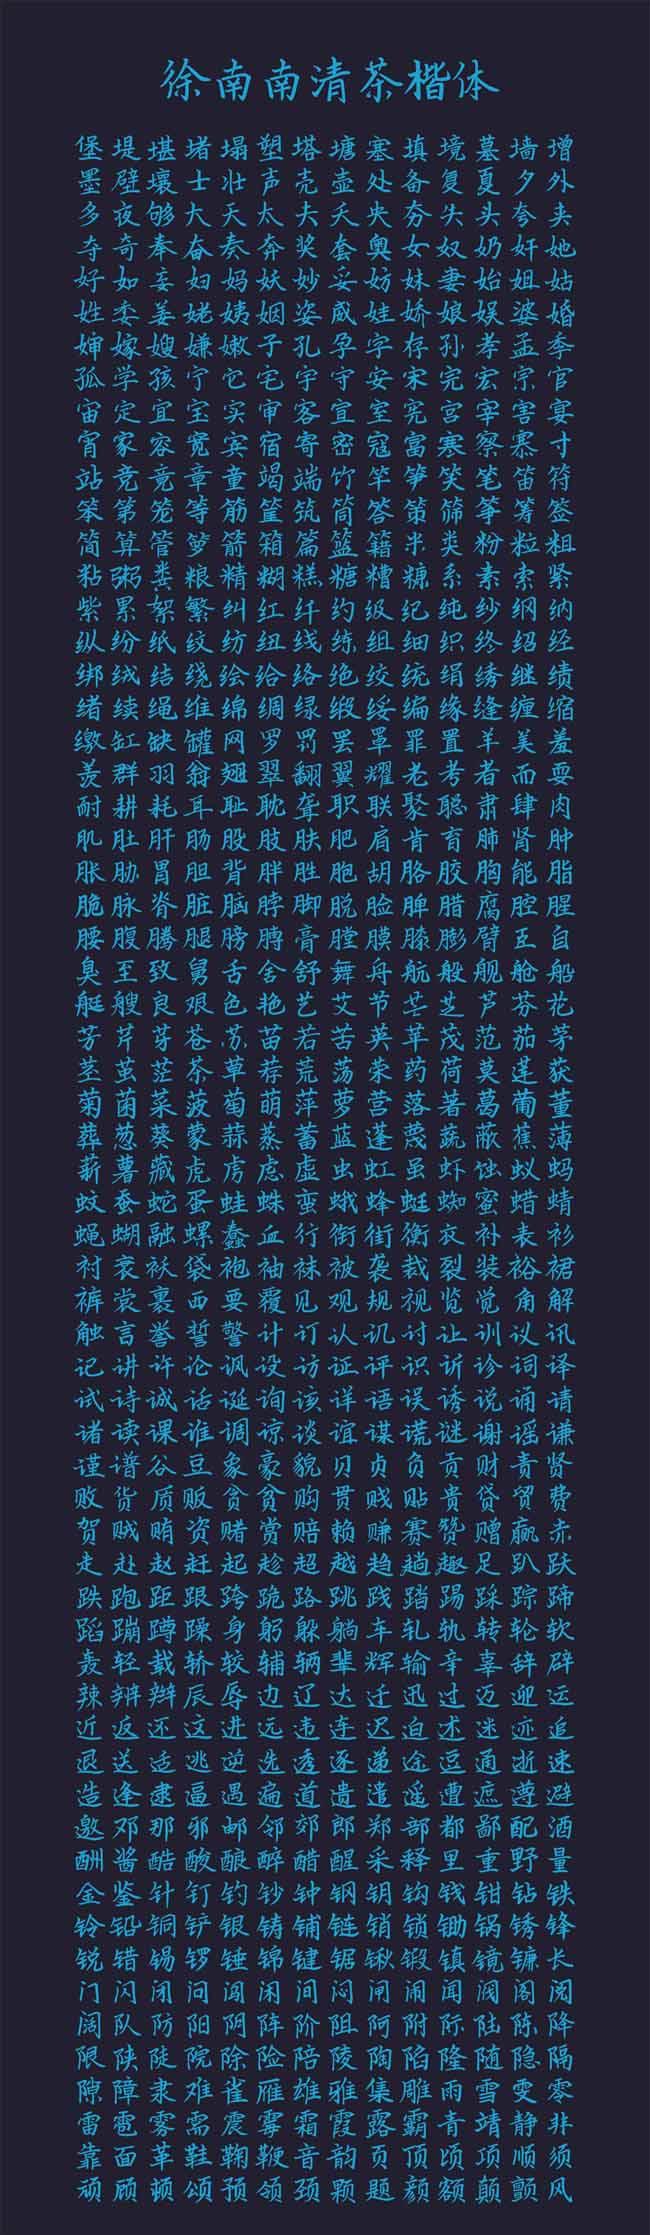 徐南南清茶楷体字体预览图